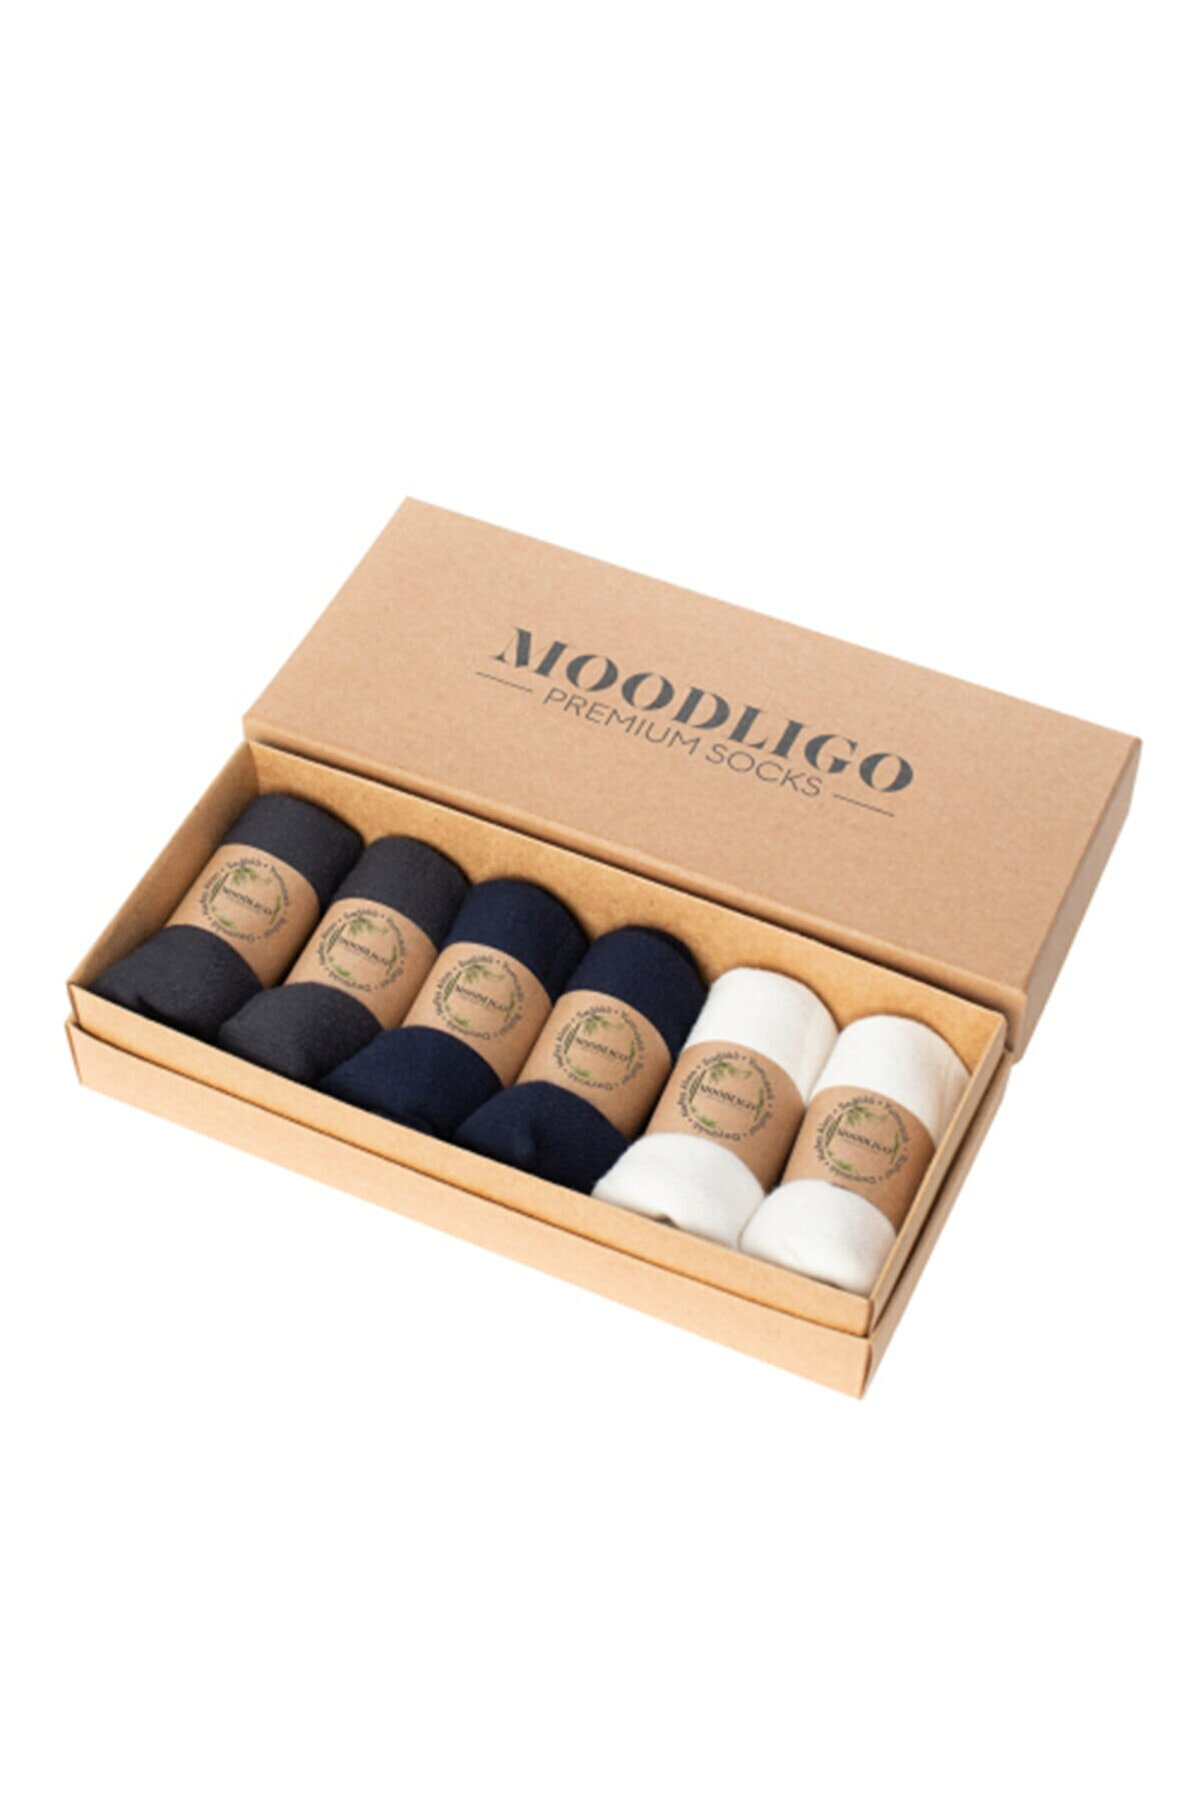 Moodligo Premium 6'lı Bambu Patik Erkek Çorap 2 Füme 2 Lacivert 2 Beyaz